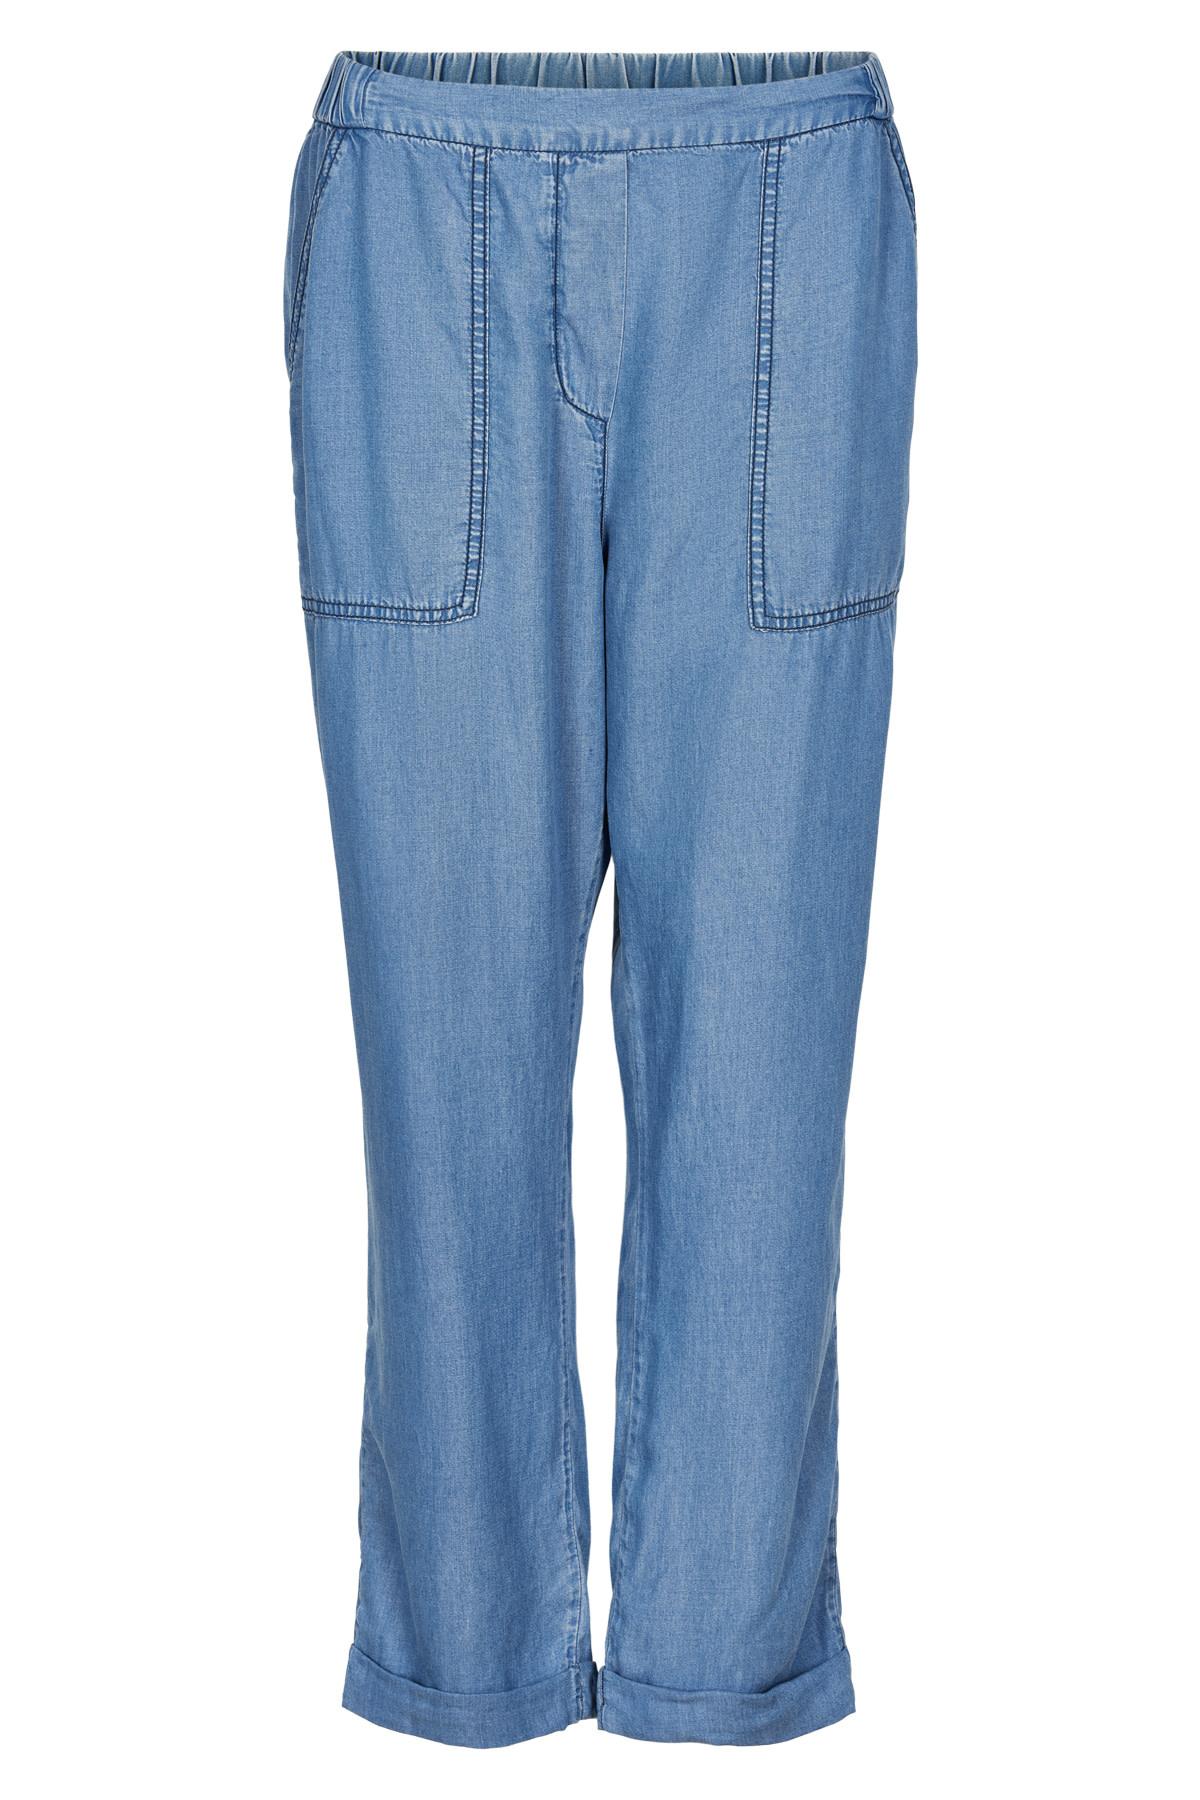 Nümph Buena Pants